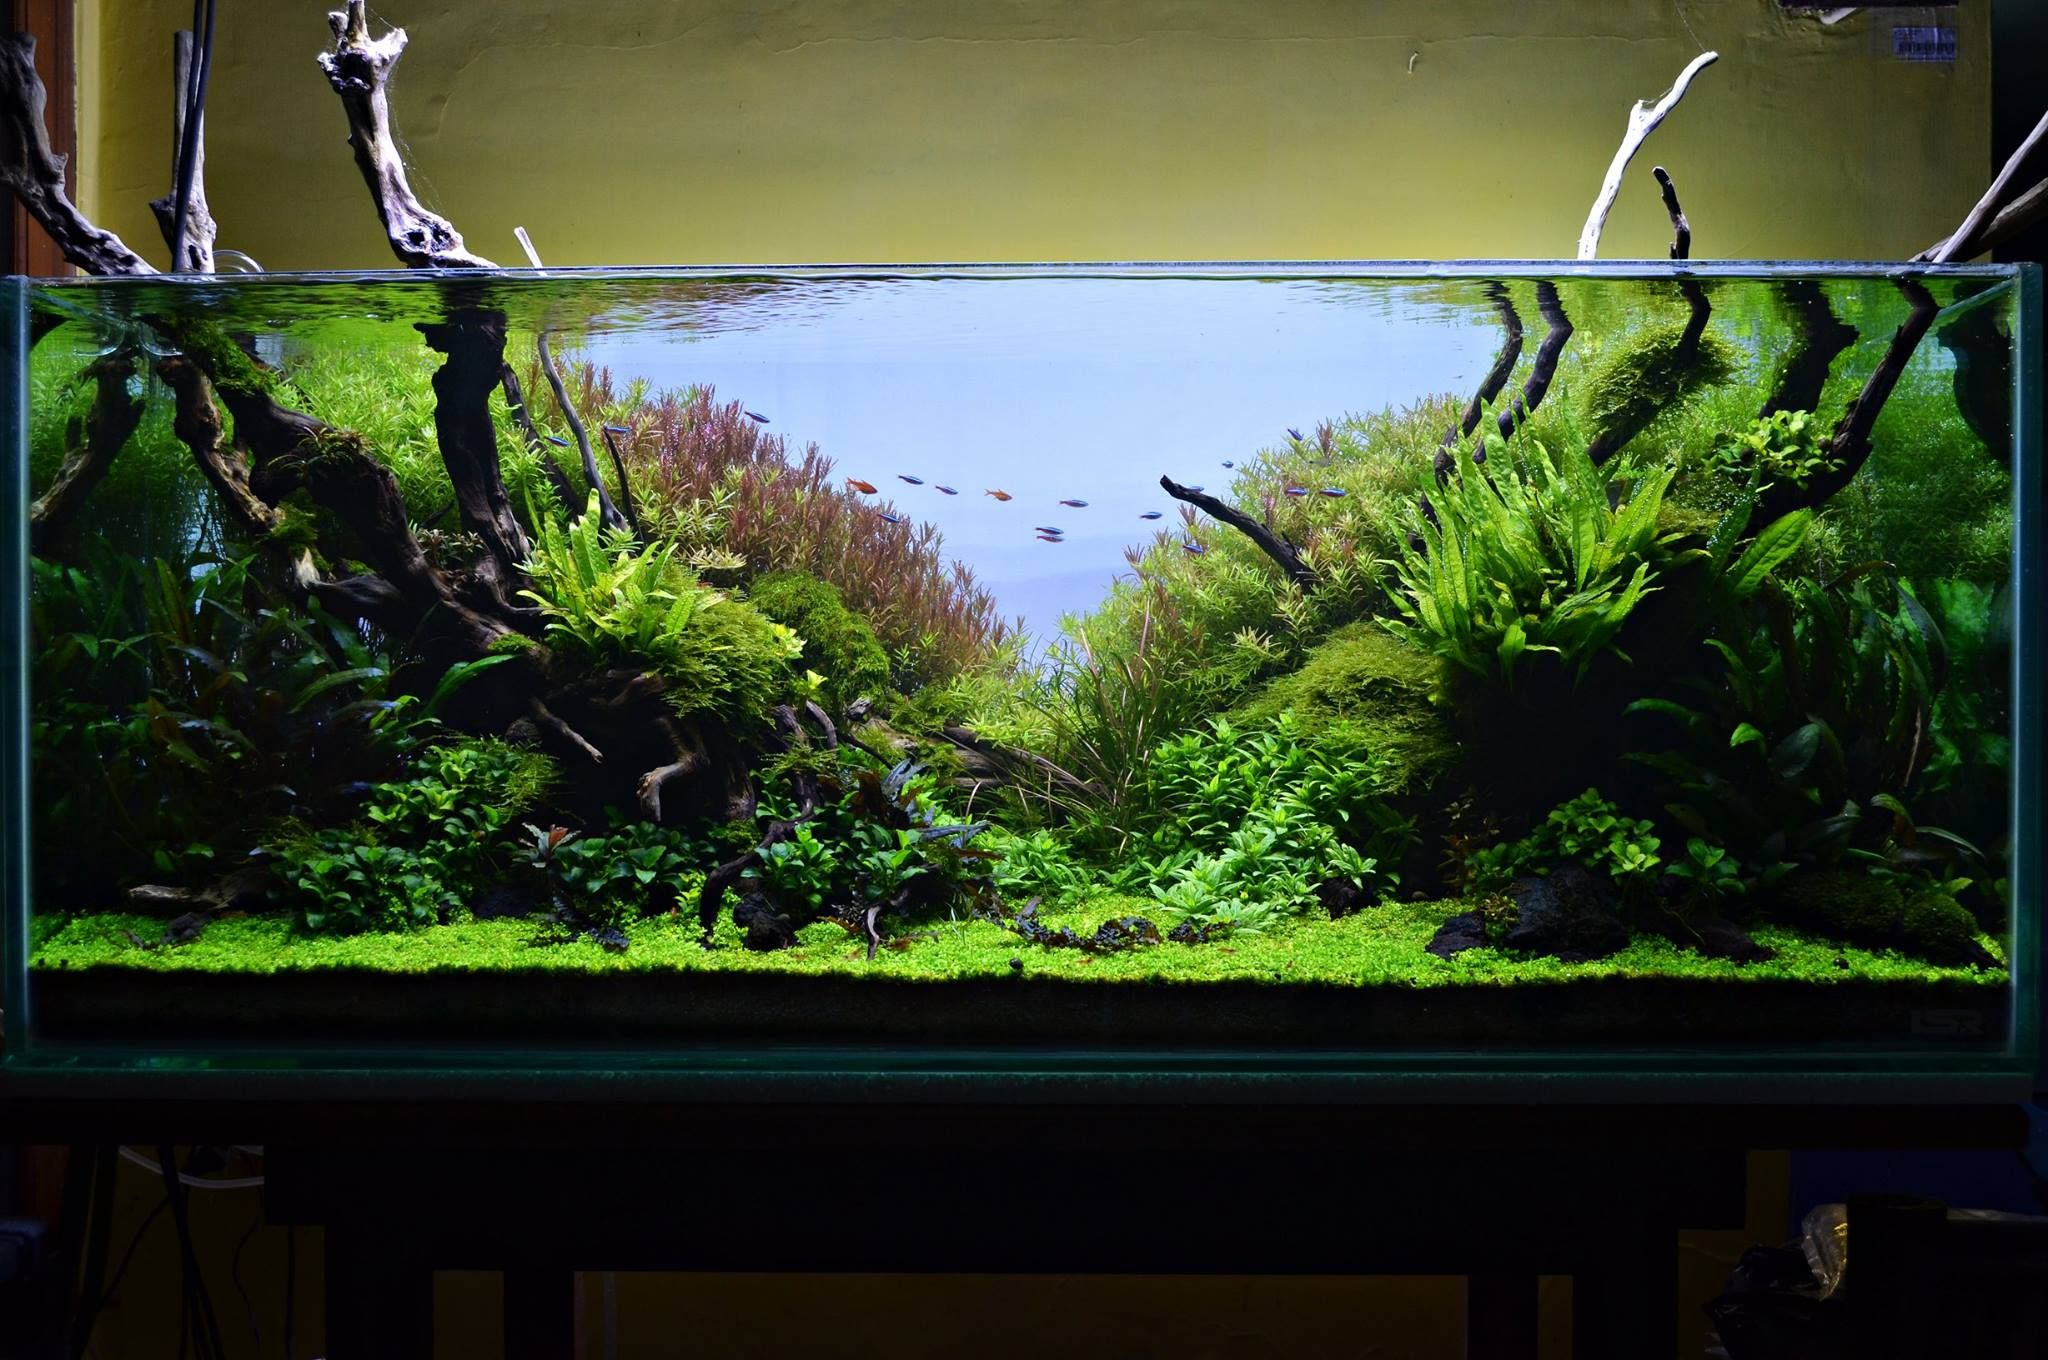 6b591132b35002fc05da91ccdb44a52d Frais De Aquarium Tropical Schème